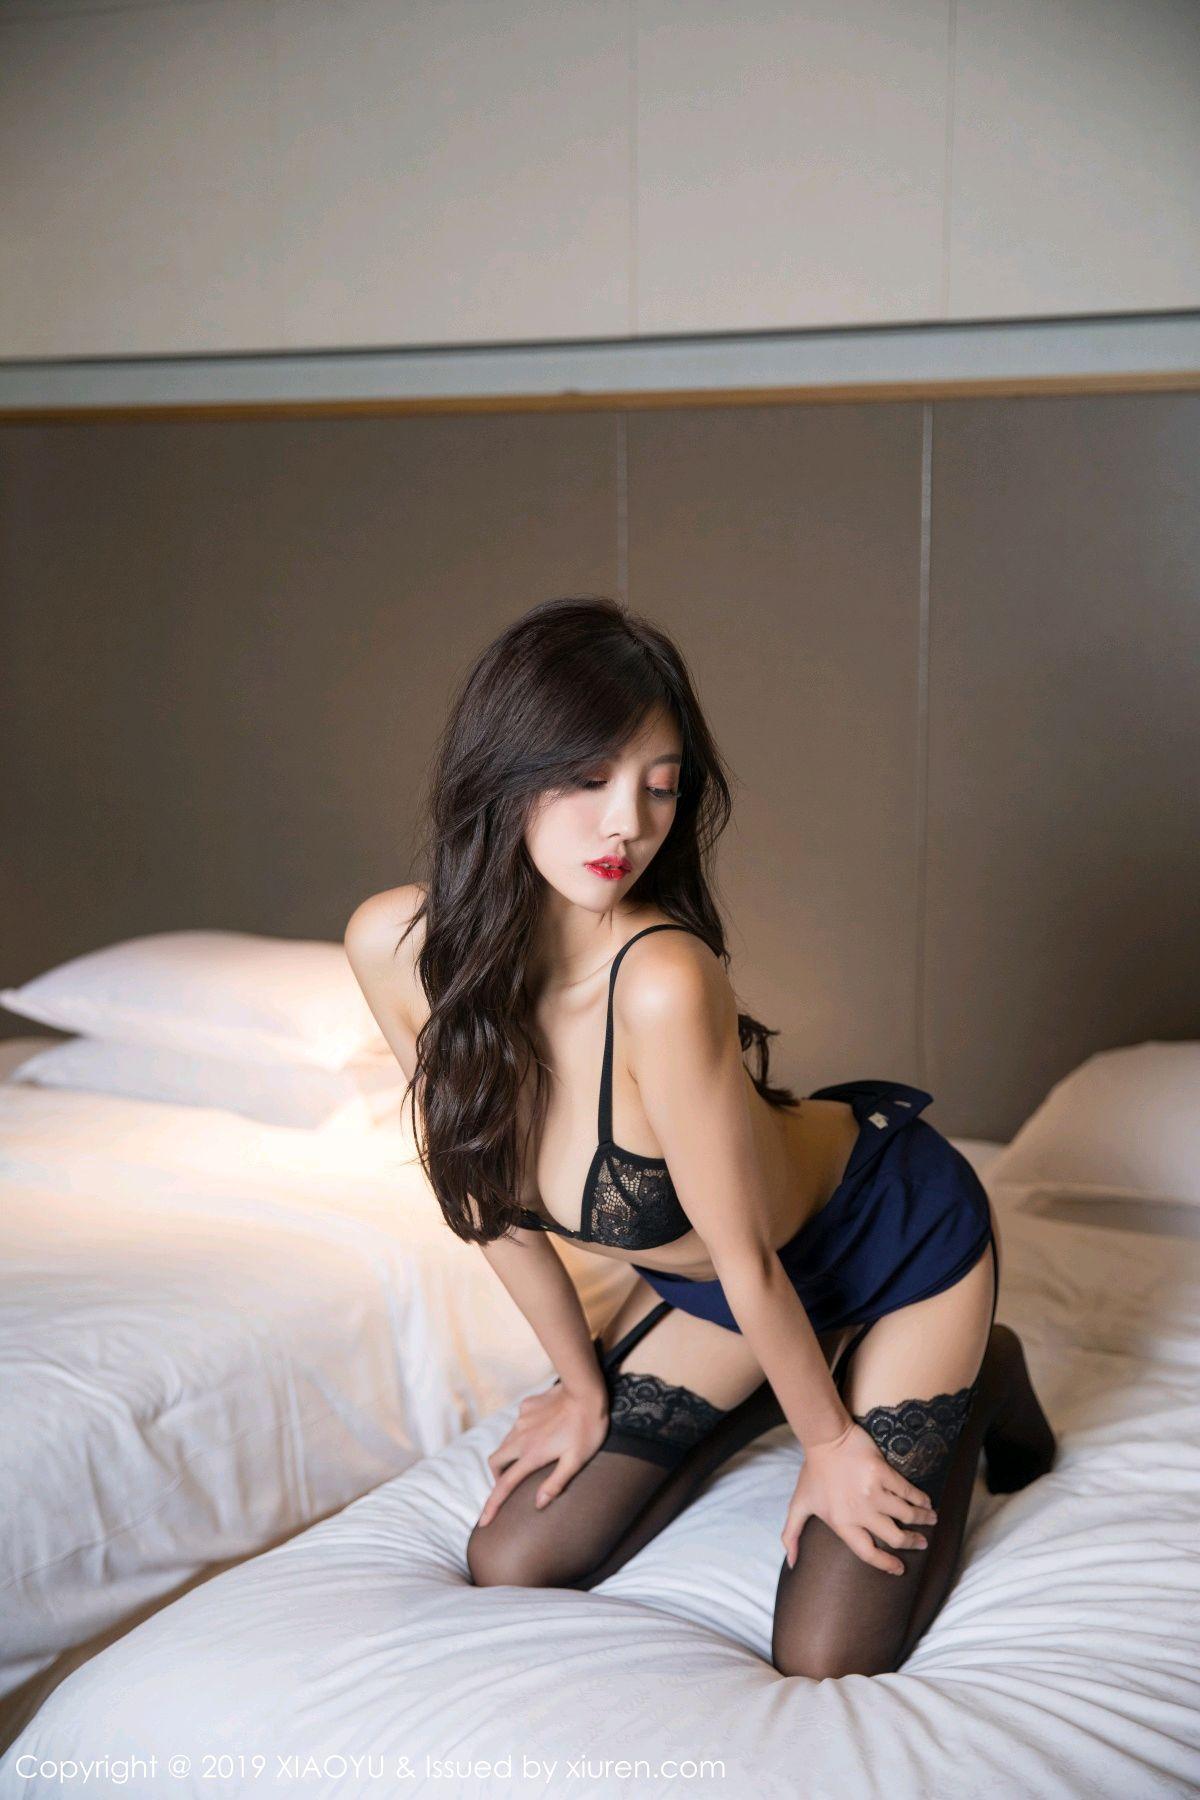 [XiaoYu] Vol.005 Yang Chen Chen 54P, Black Silk, Tall, Uniform, XiaoYu, Yang Chen Chen